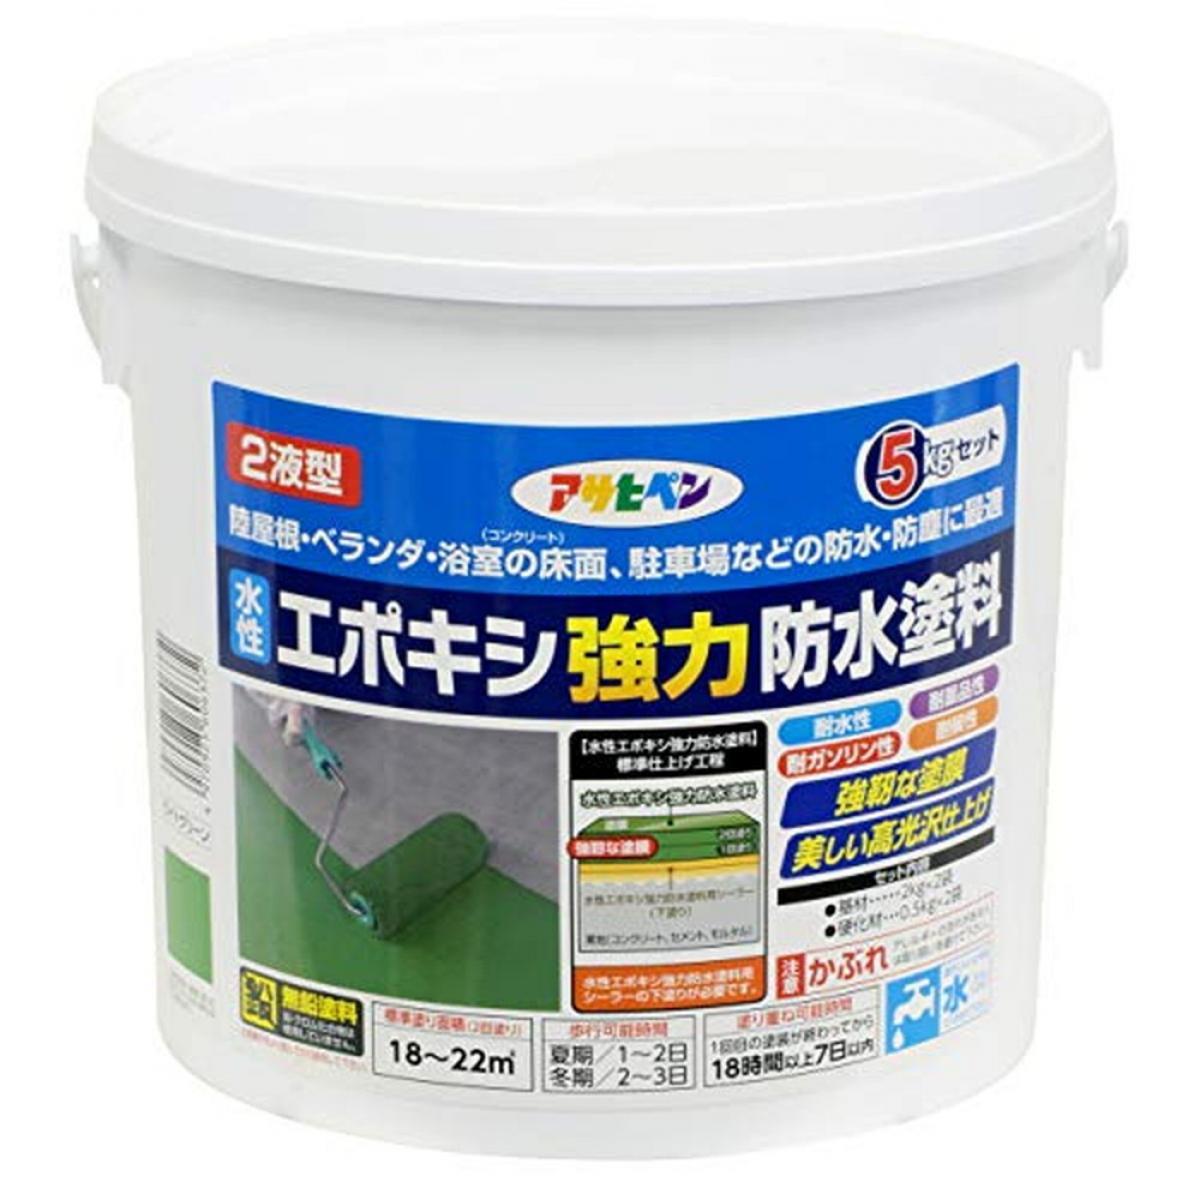 アサヒペン(Asahipen) 防水塗料 水性エポキシ強力防水塗料 5kg ライトグリーン